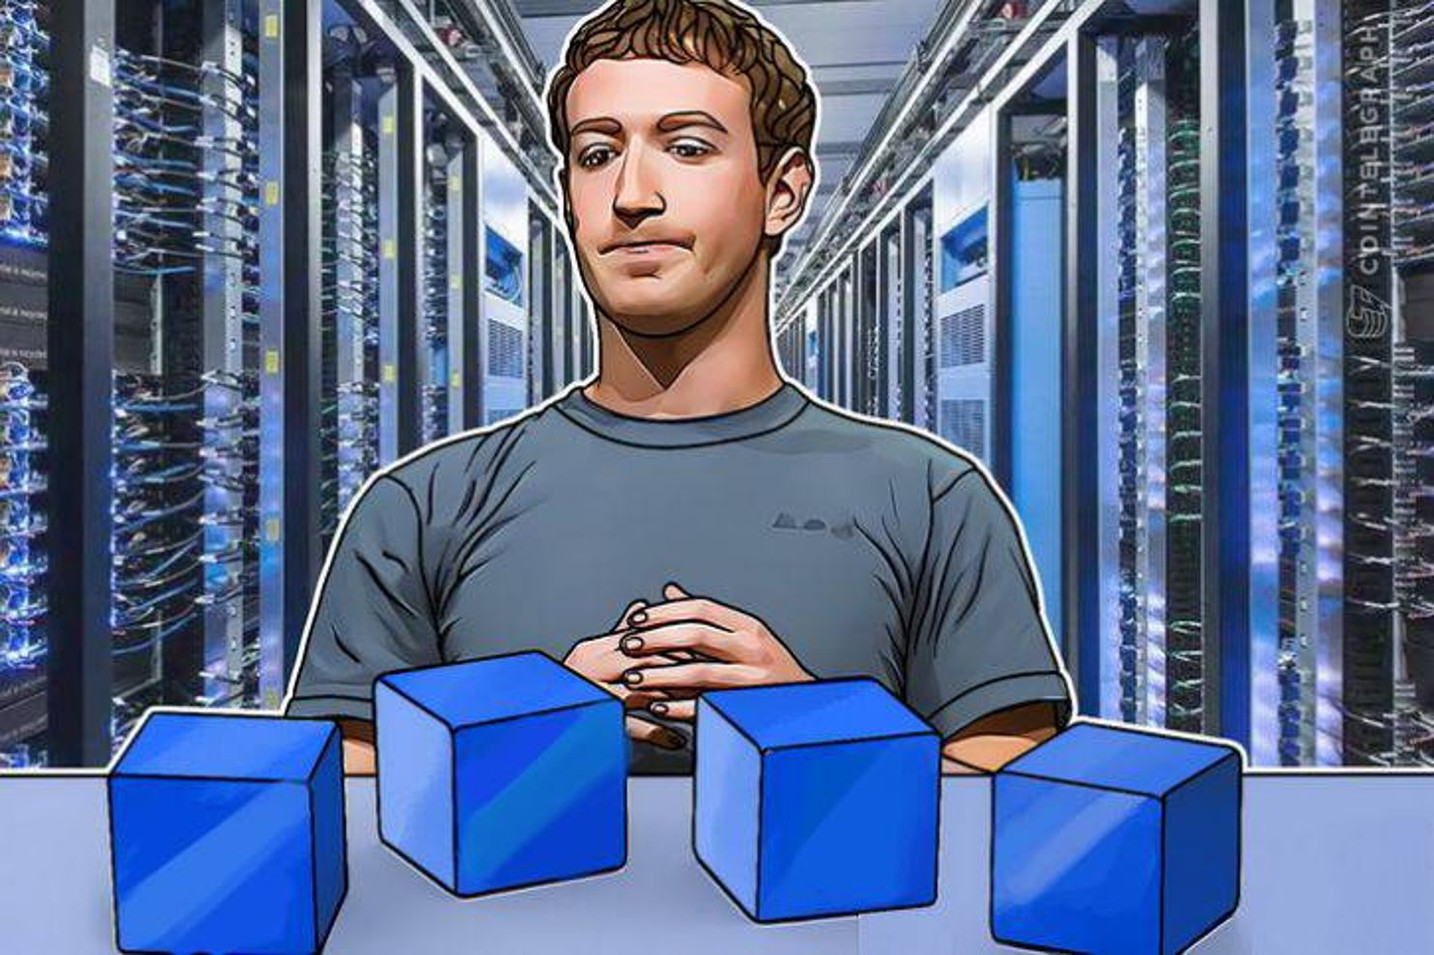 【速報】フェイスブックCEO 仮想通貨の件でイングランド銀行総裁と面会、 2020年発行を目指す|コイン名も明らかに=英BBC報道